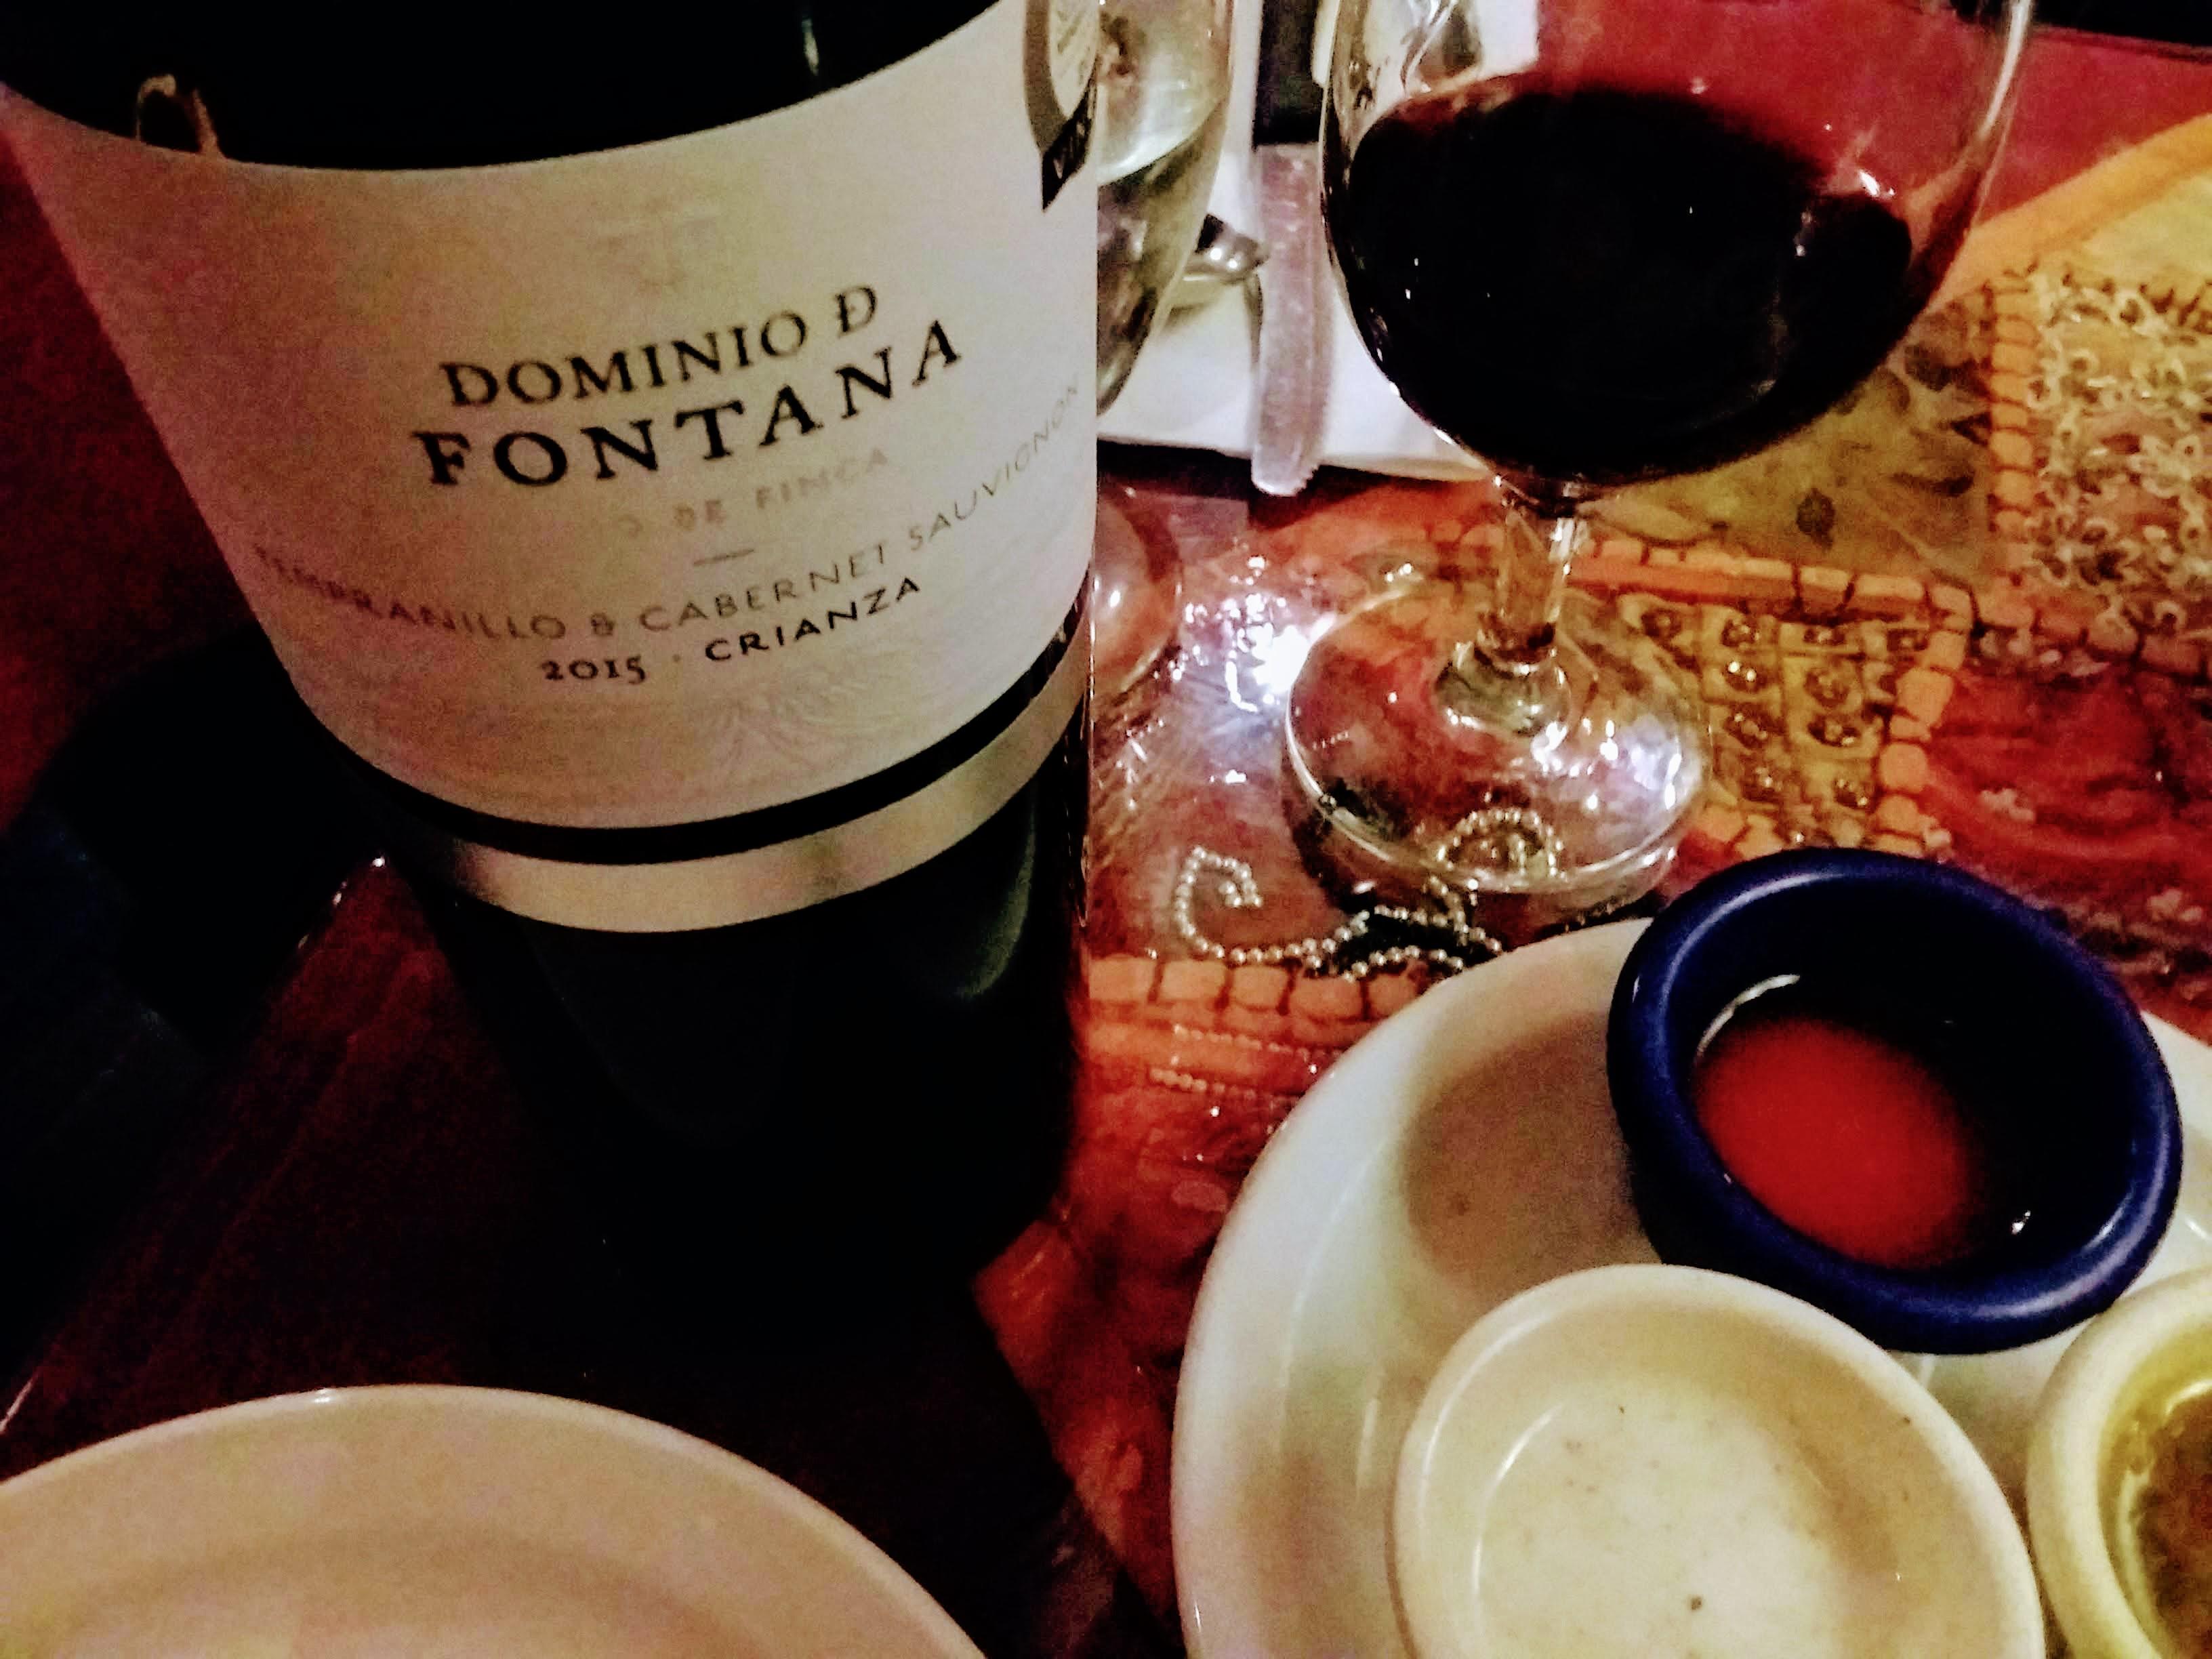 【赤ワイン】スペインDominio D Fontana 2015 Crianza